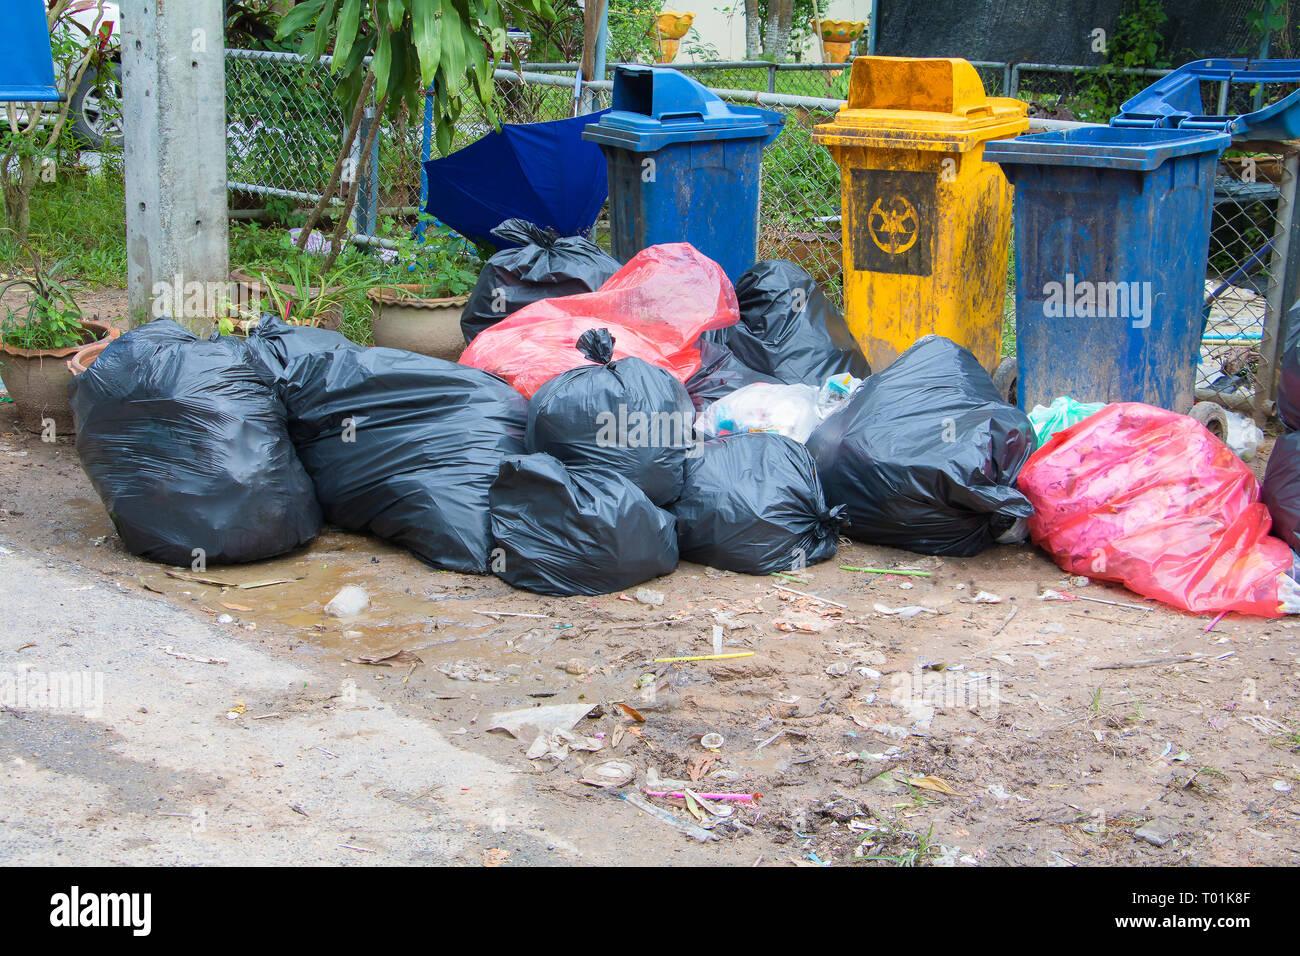 Schwarzer haufen Müll am Straßenrand und Regen fällt auf die Tasche in der Stadt mit Kopie Raum Text hinzufügen Stockfoto